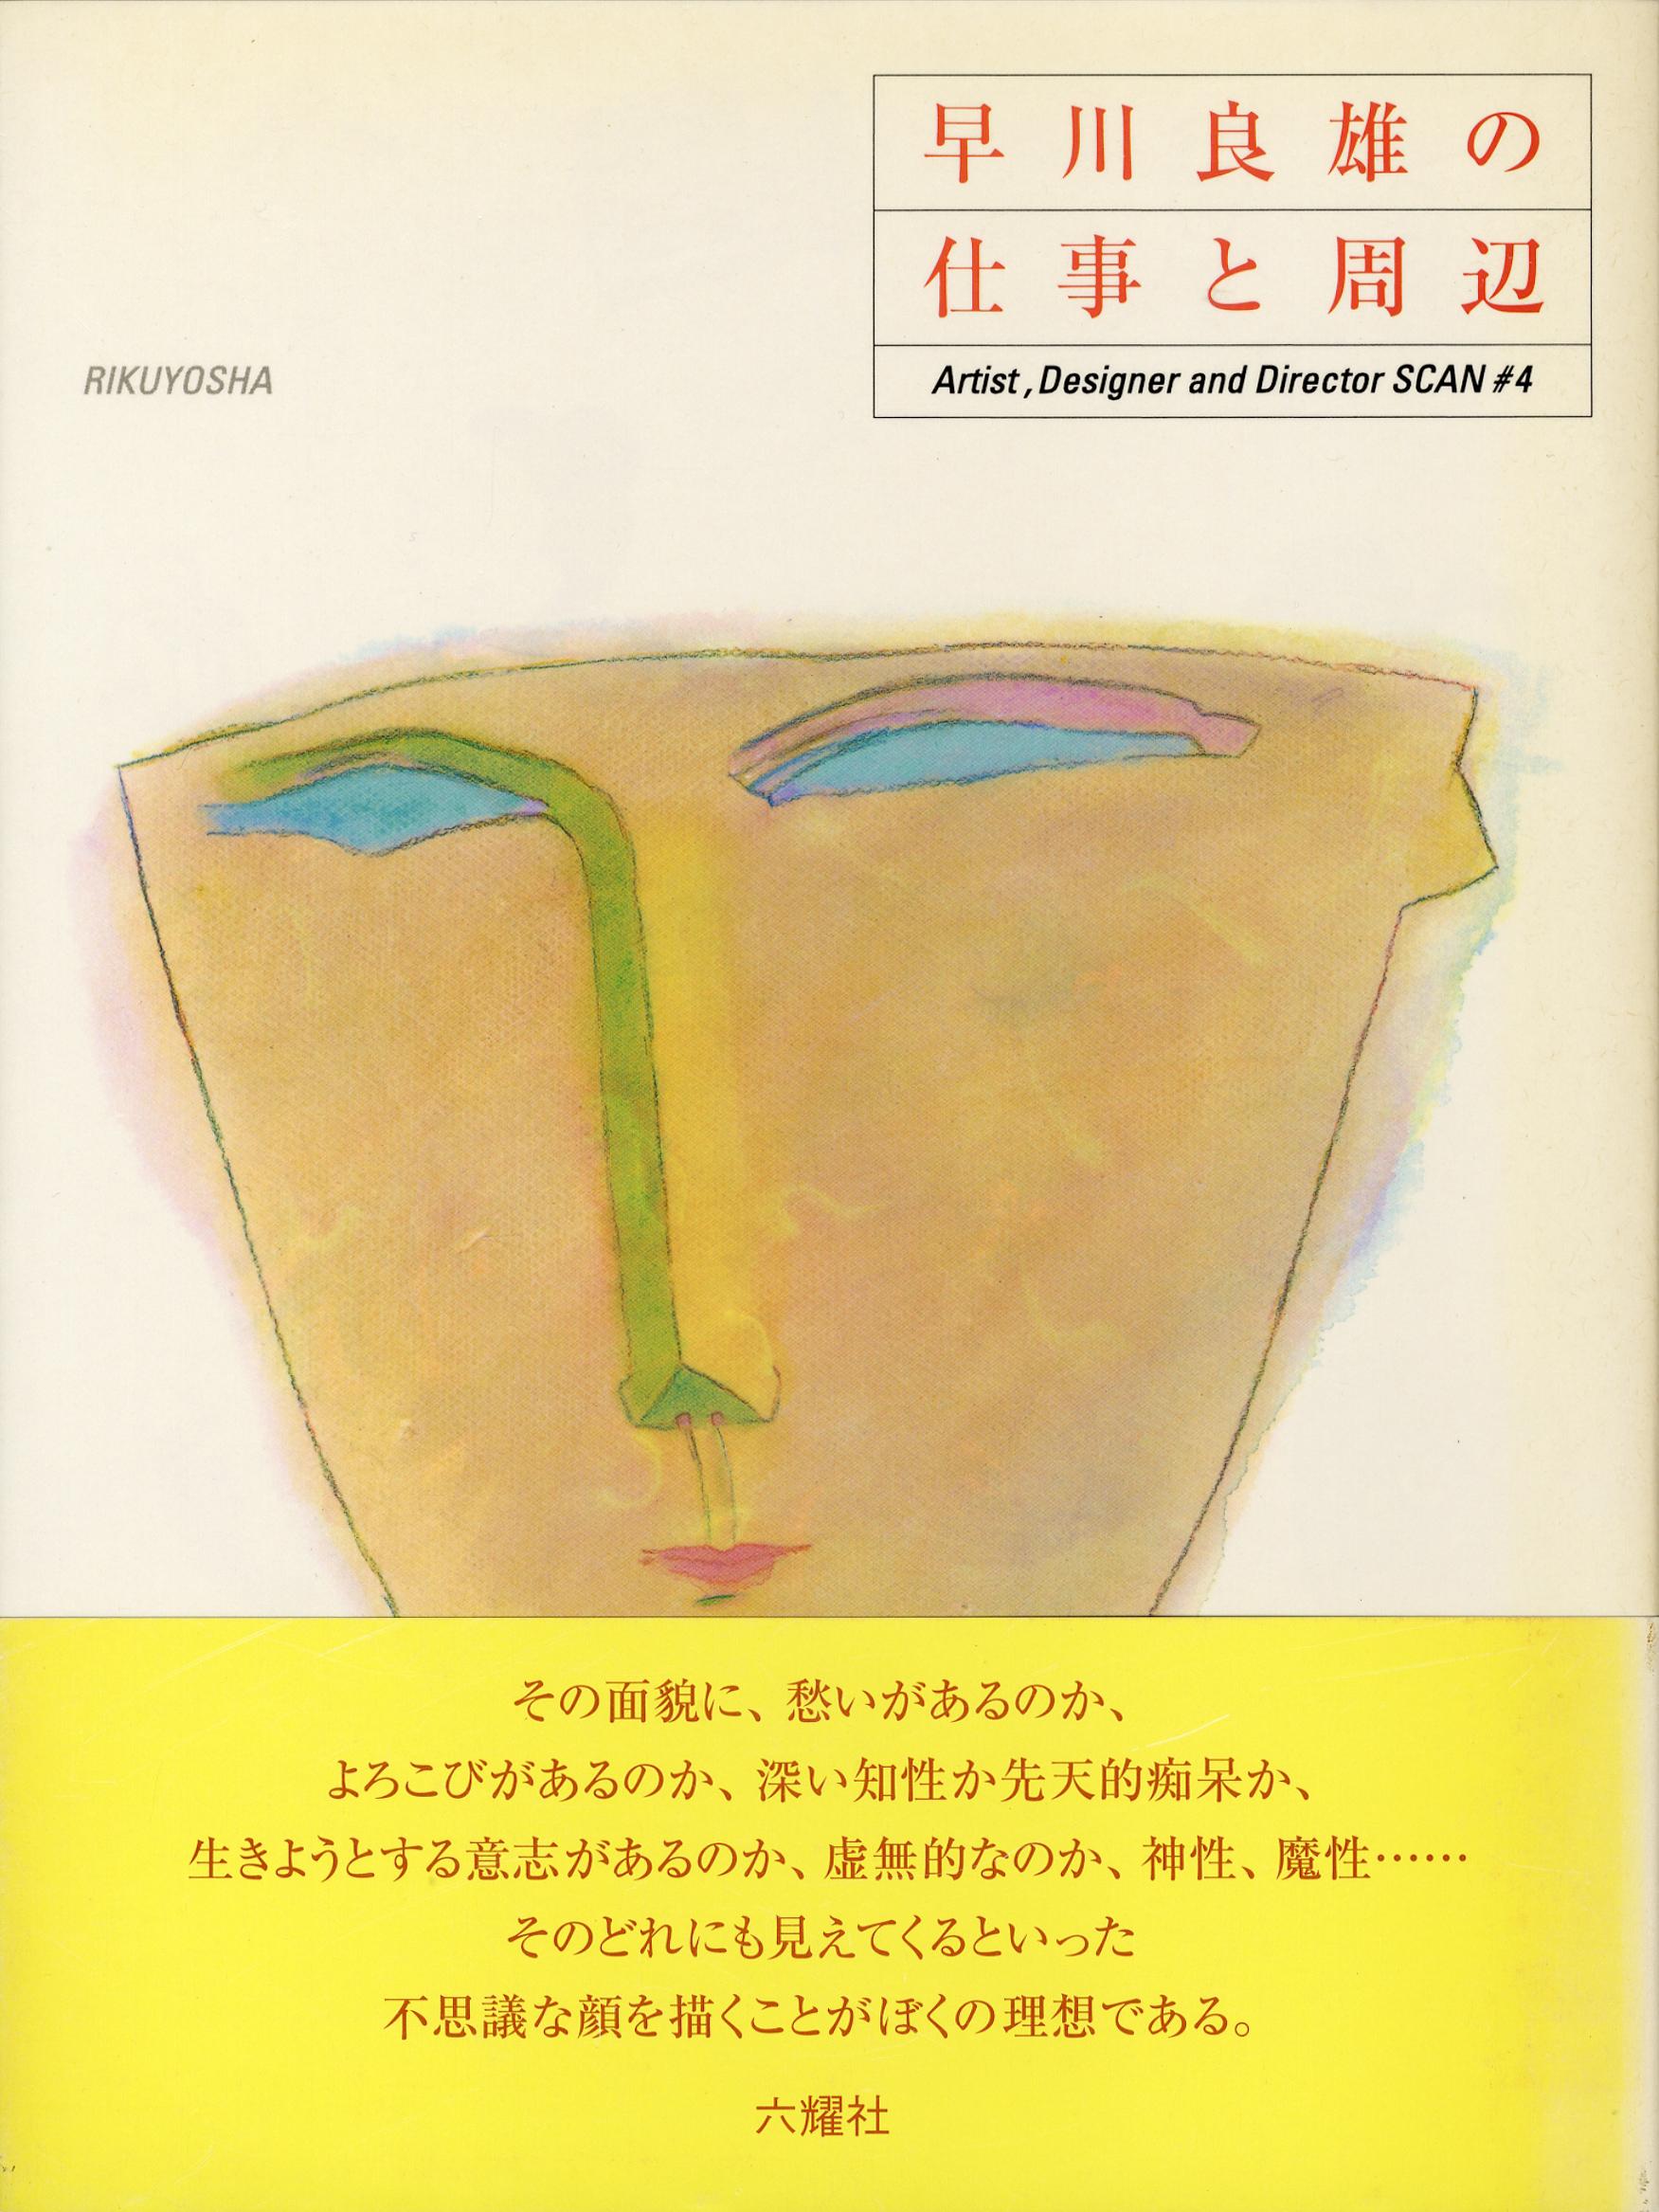 早川良雄の仕事と周辺 Artist、 Director and Designer SCAN #4